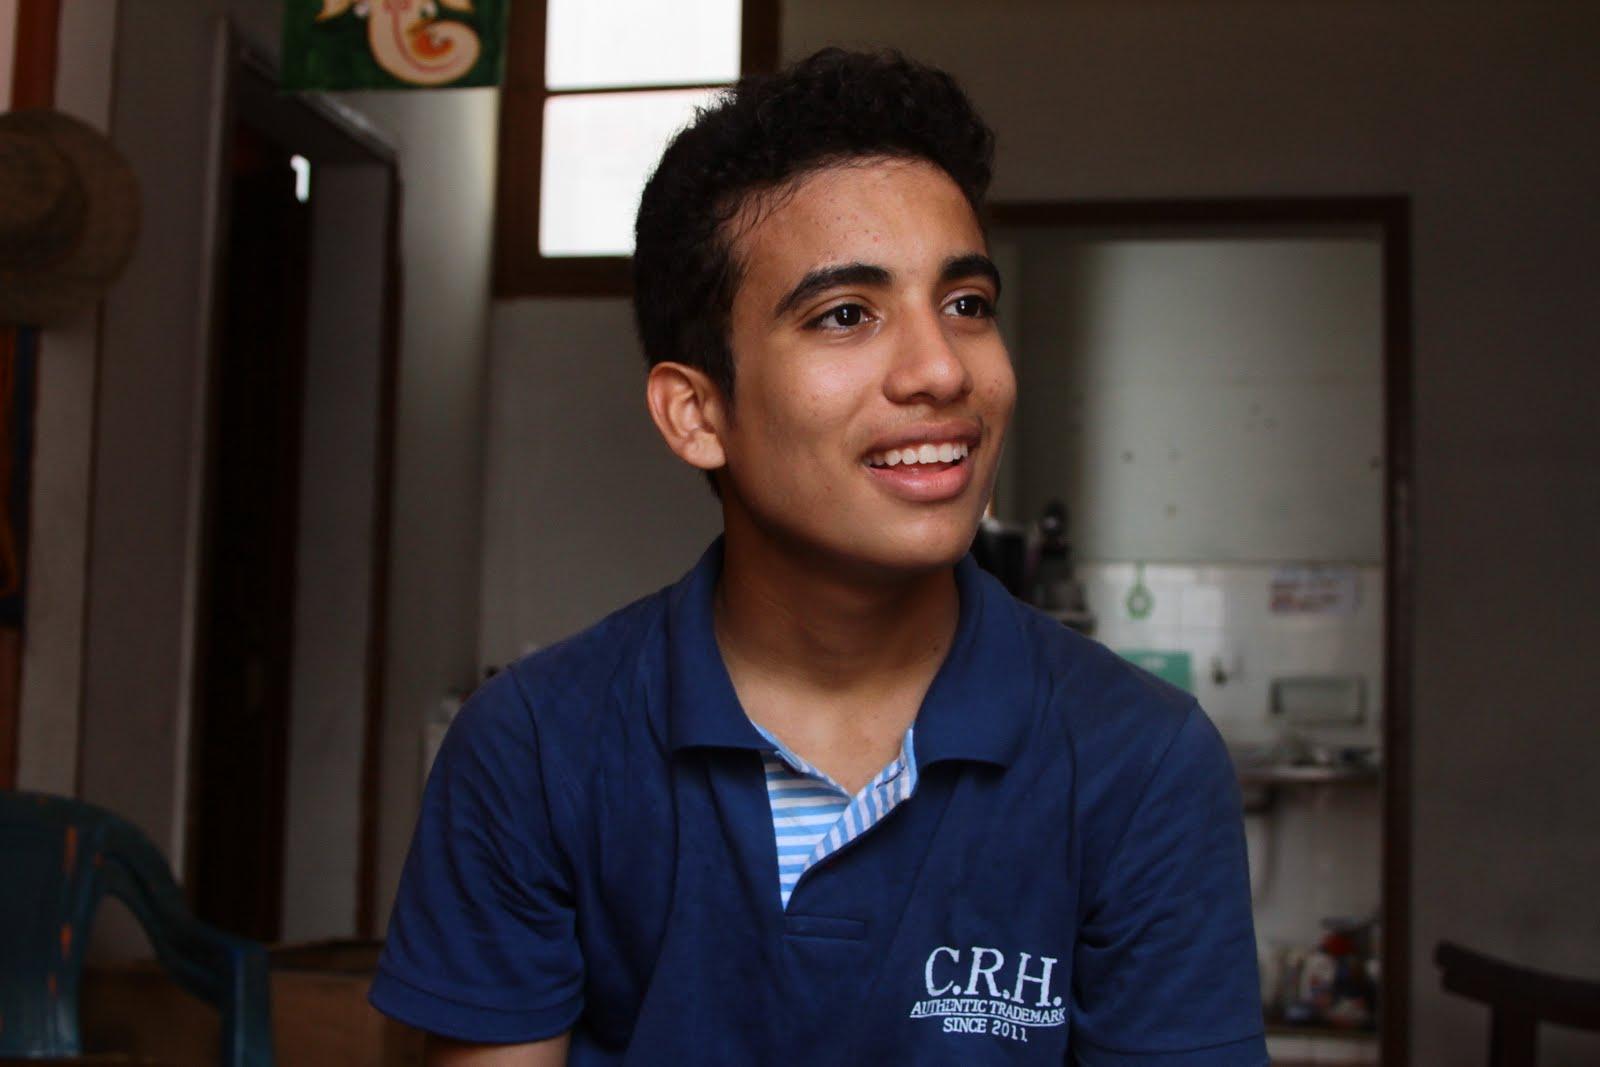 Arjuna Rodriguez coadjuvante principal do Filme Namoro Adolescente. Uma produção de Cine Cast Photo